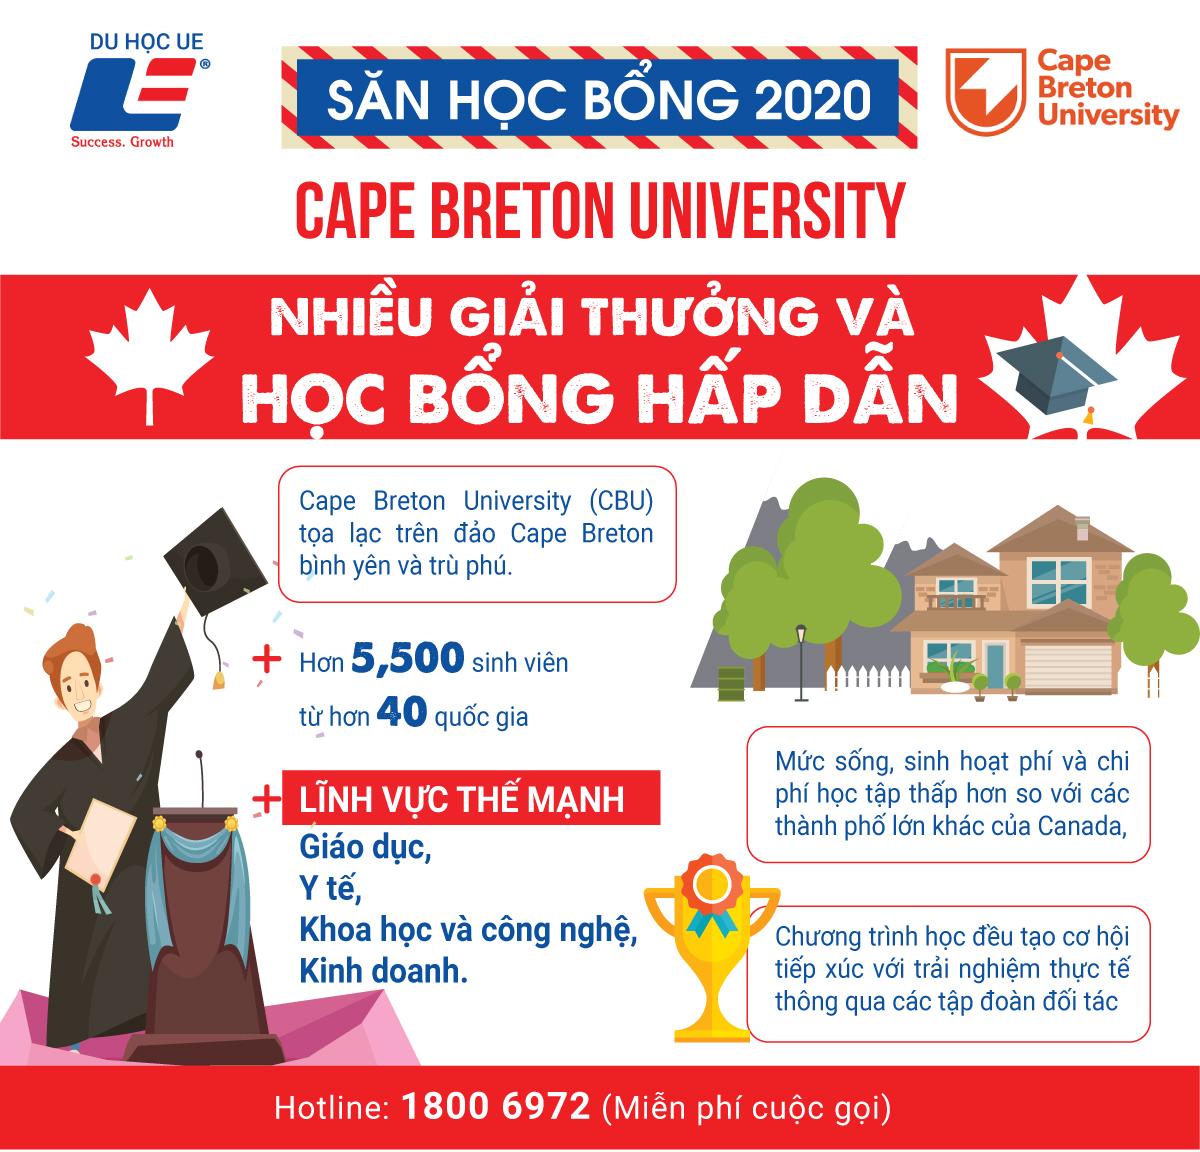 Du học học bổng trường Cape Breton University tại đảo Cape Breton bình yên, Canada